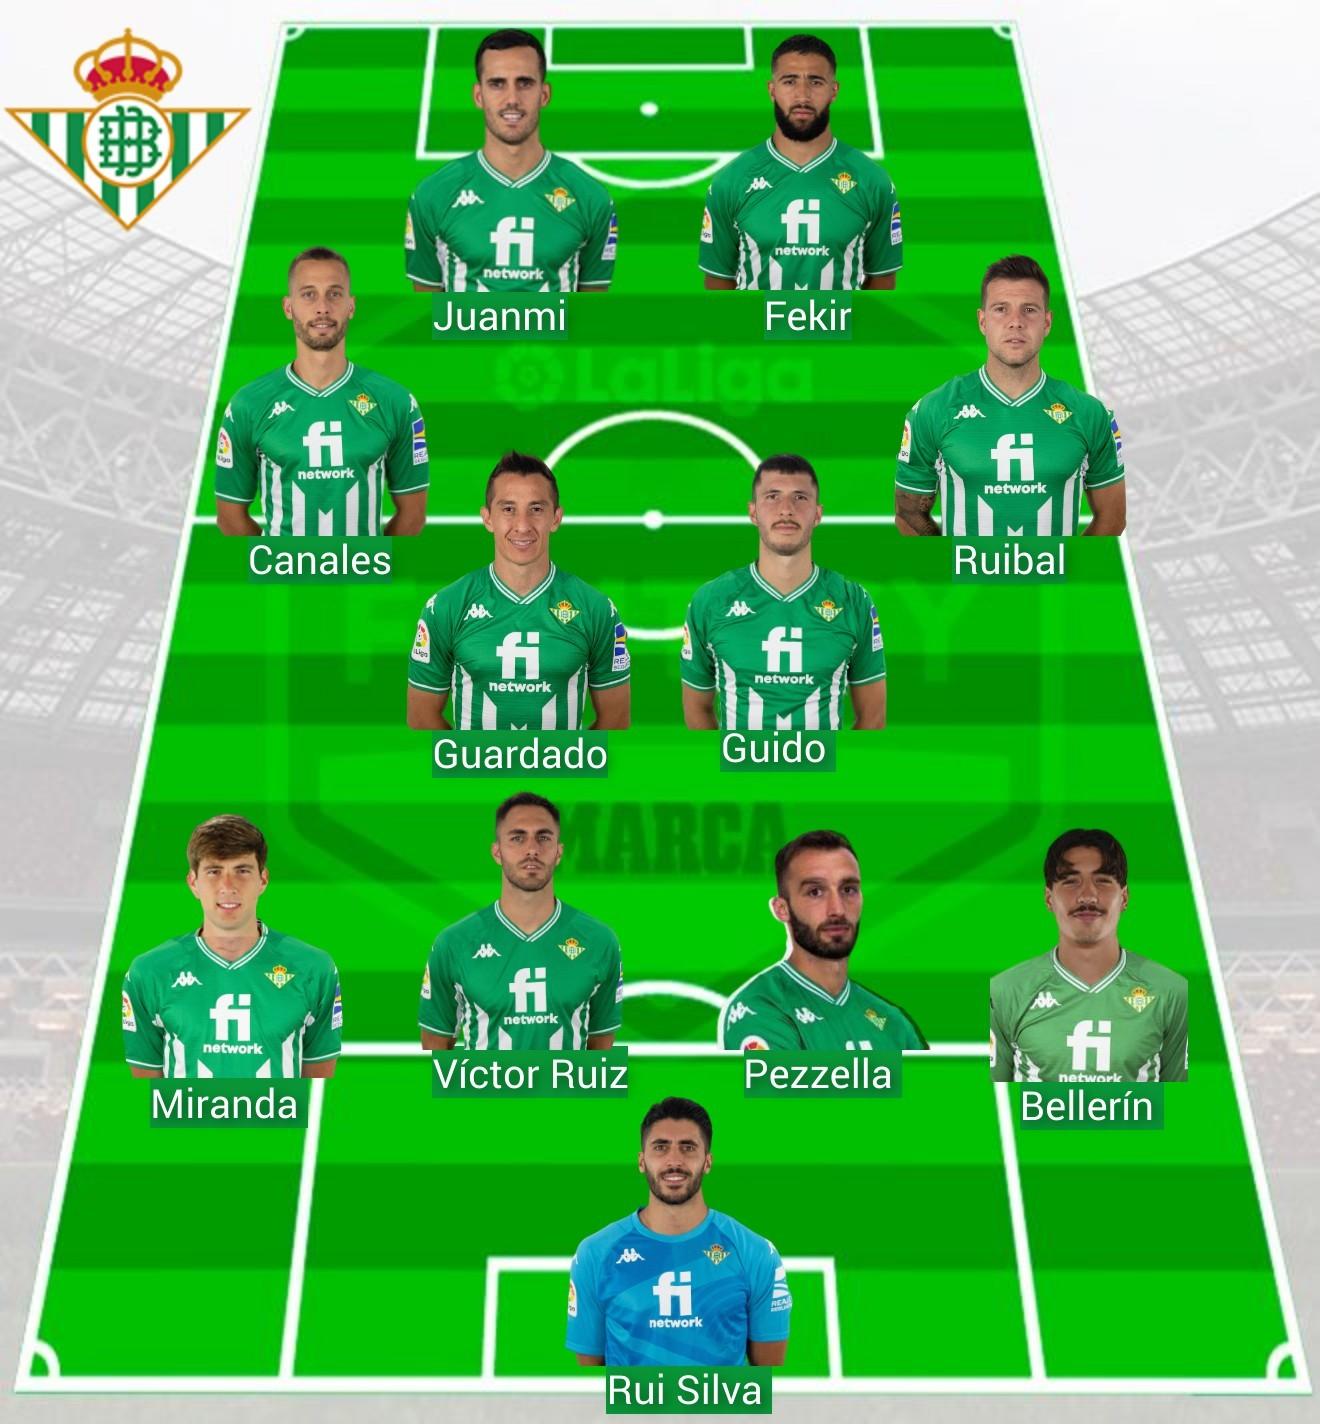 Fichajes Betis: traspasos, rumores, altas y bajas para la temporada 2021/22 en Primera División